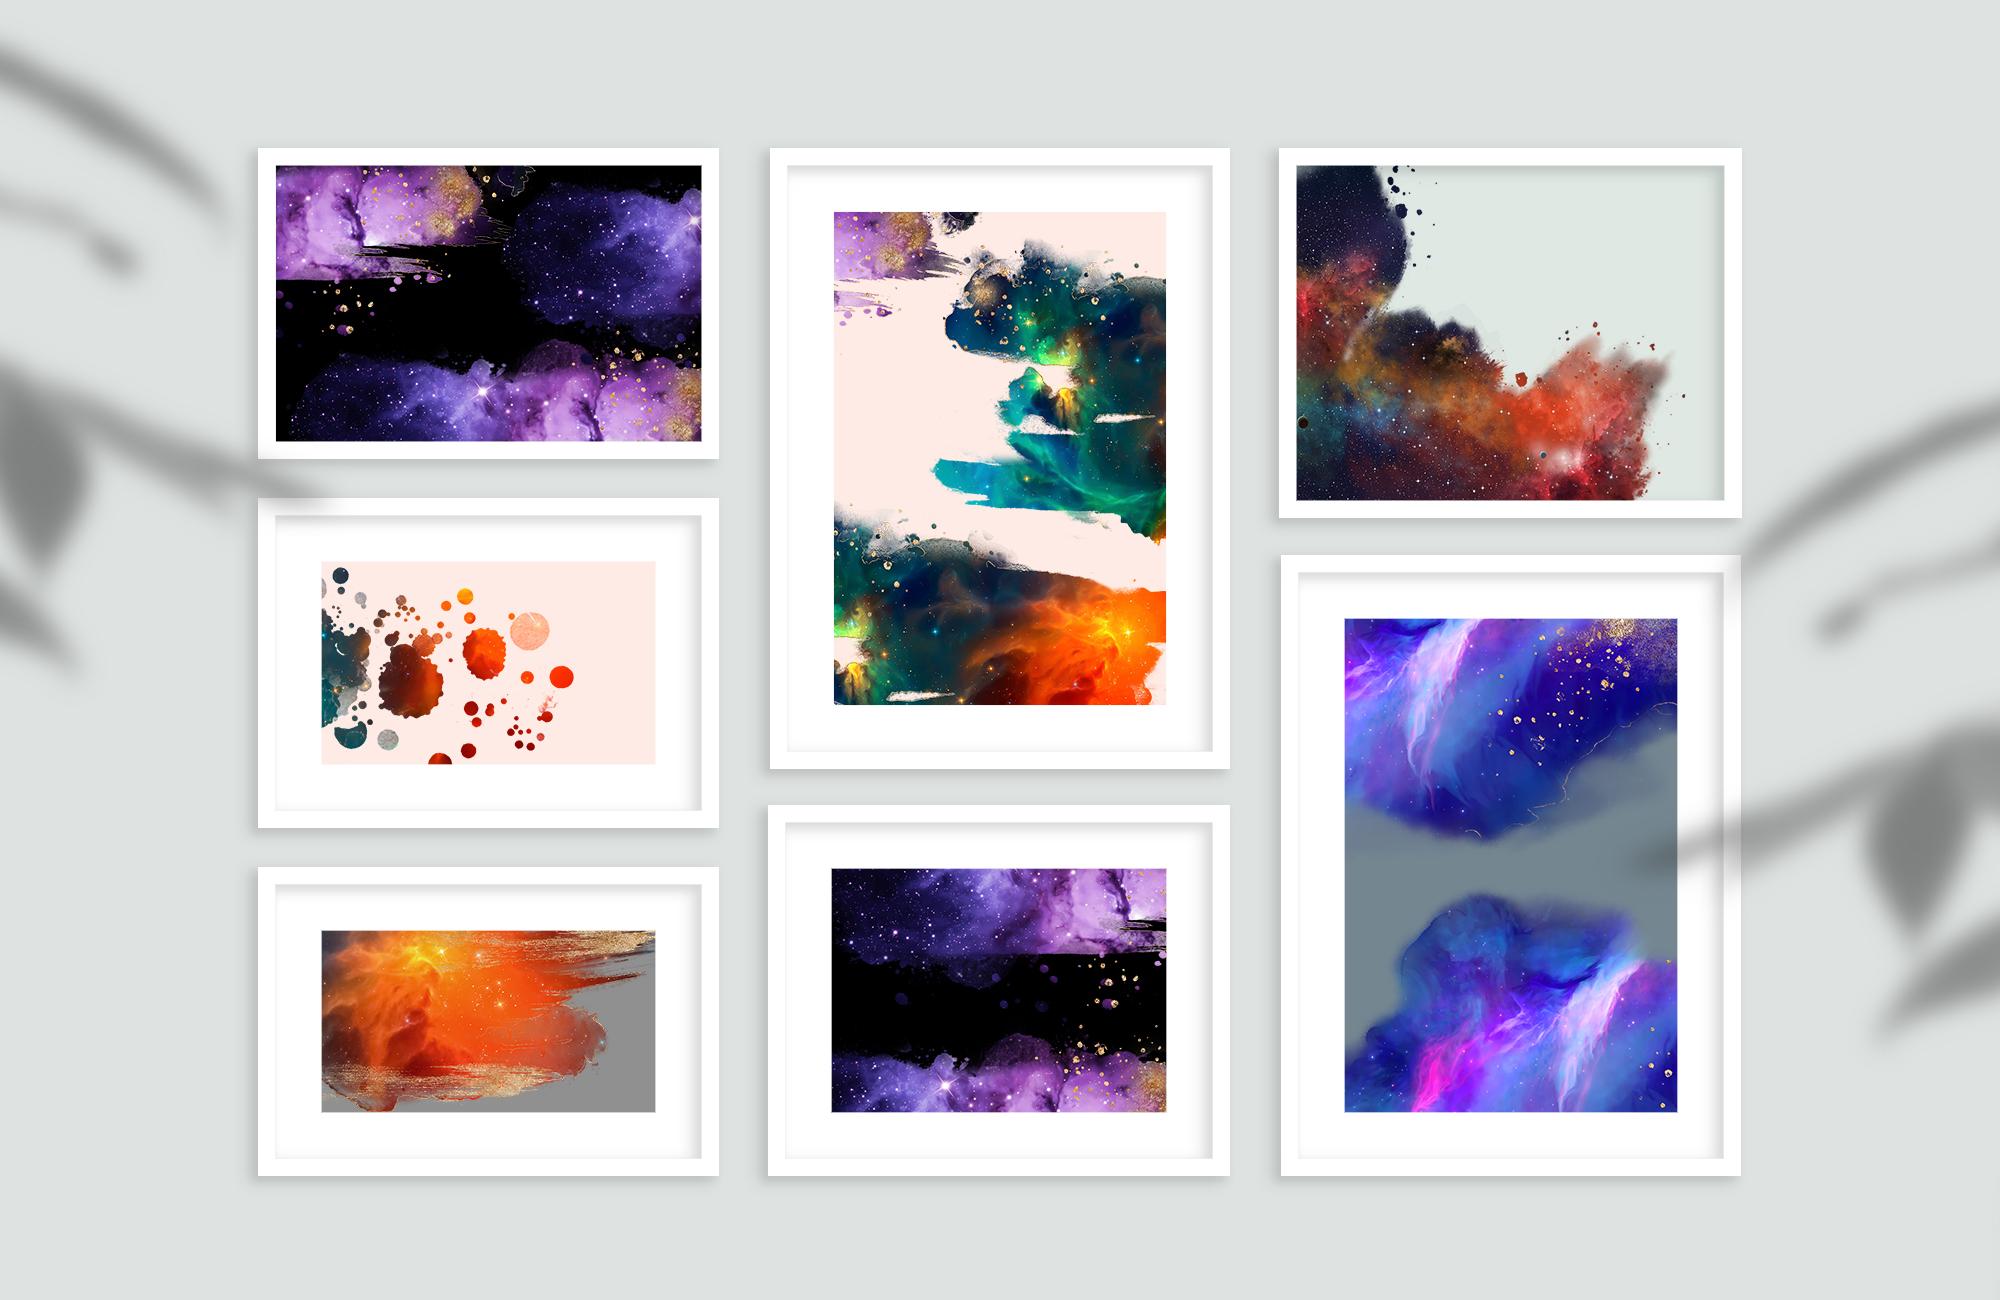 炫彩星云星系宇宙空间水墨背景图片设计素材 Galaxy Watercolor插图7